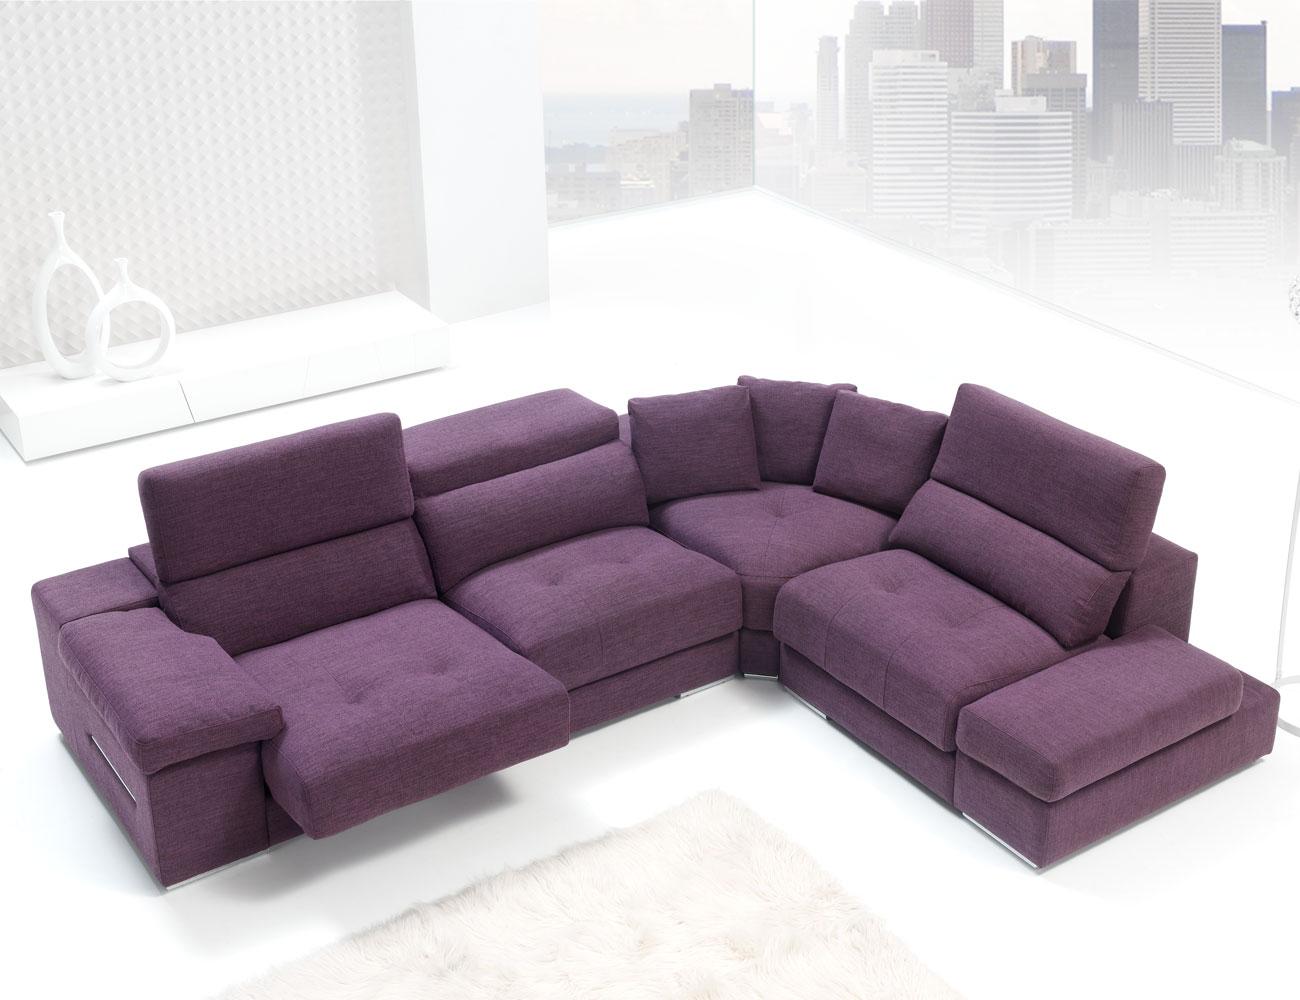 Sofa chaiselongue rincon con brazo mecanico tejido anti manchas 28